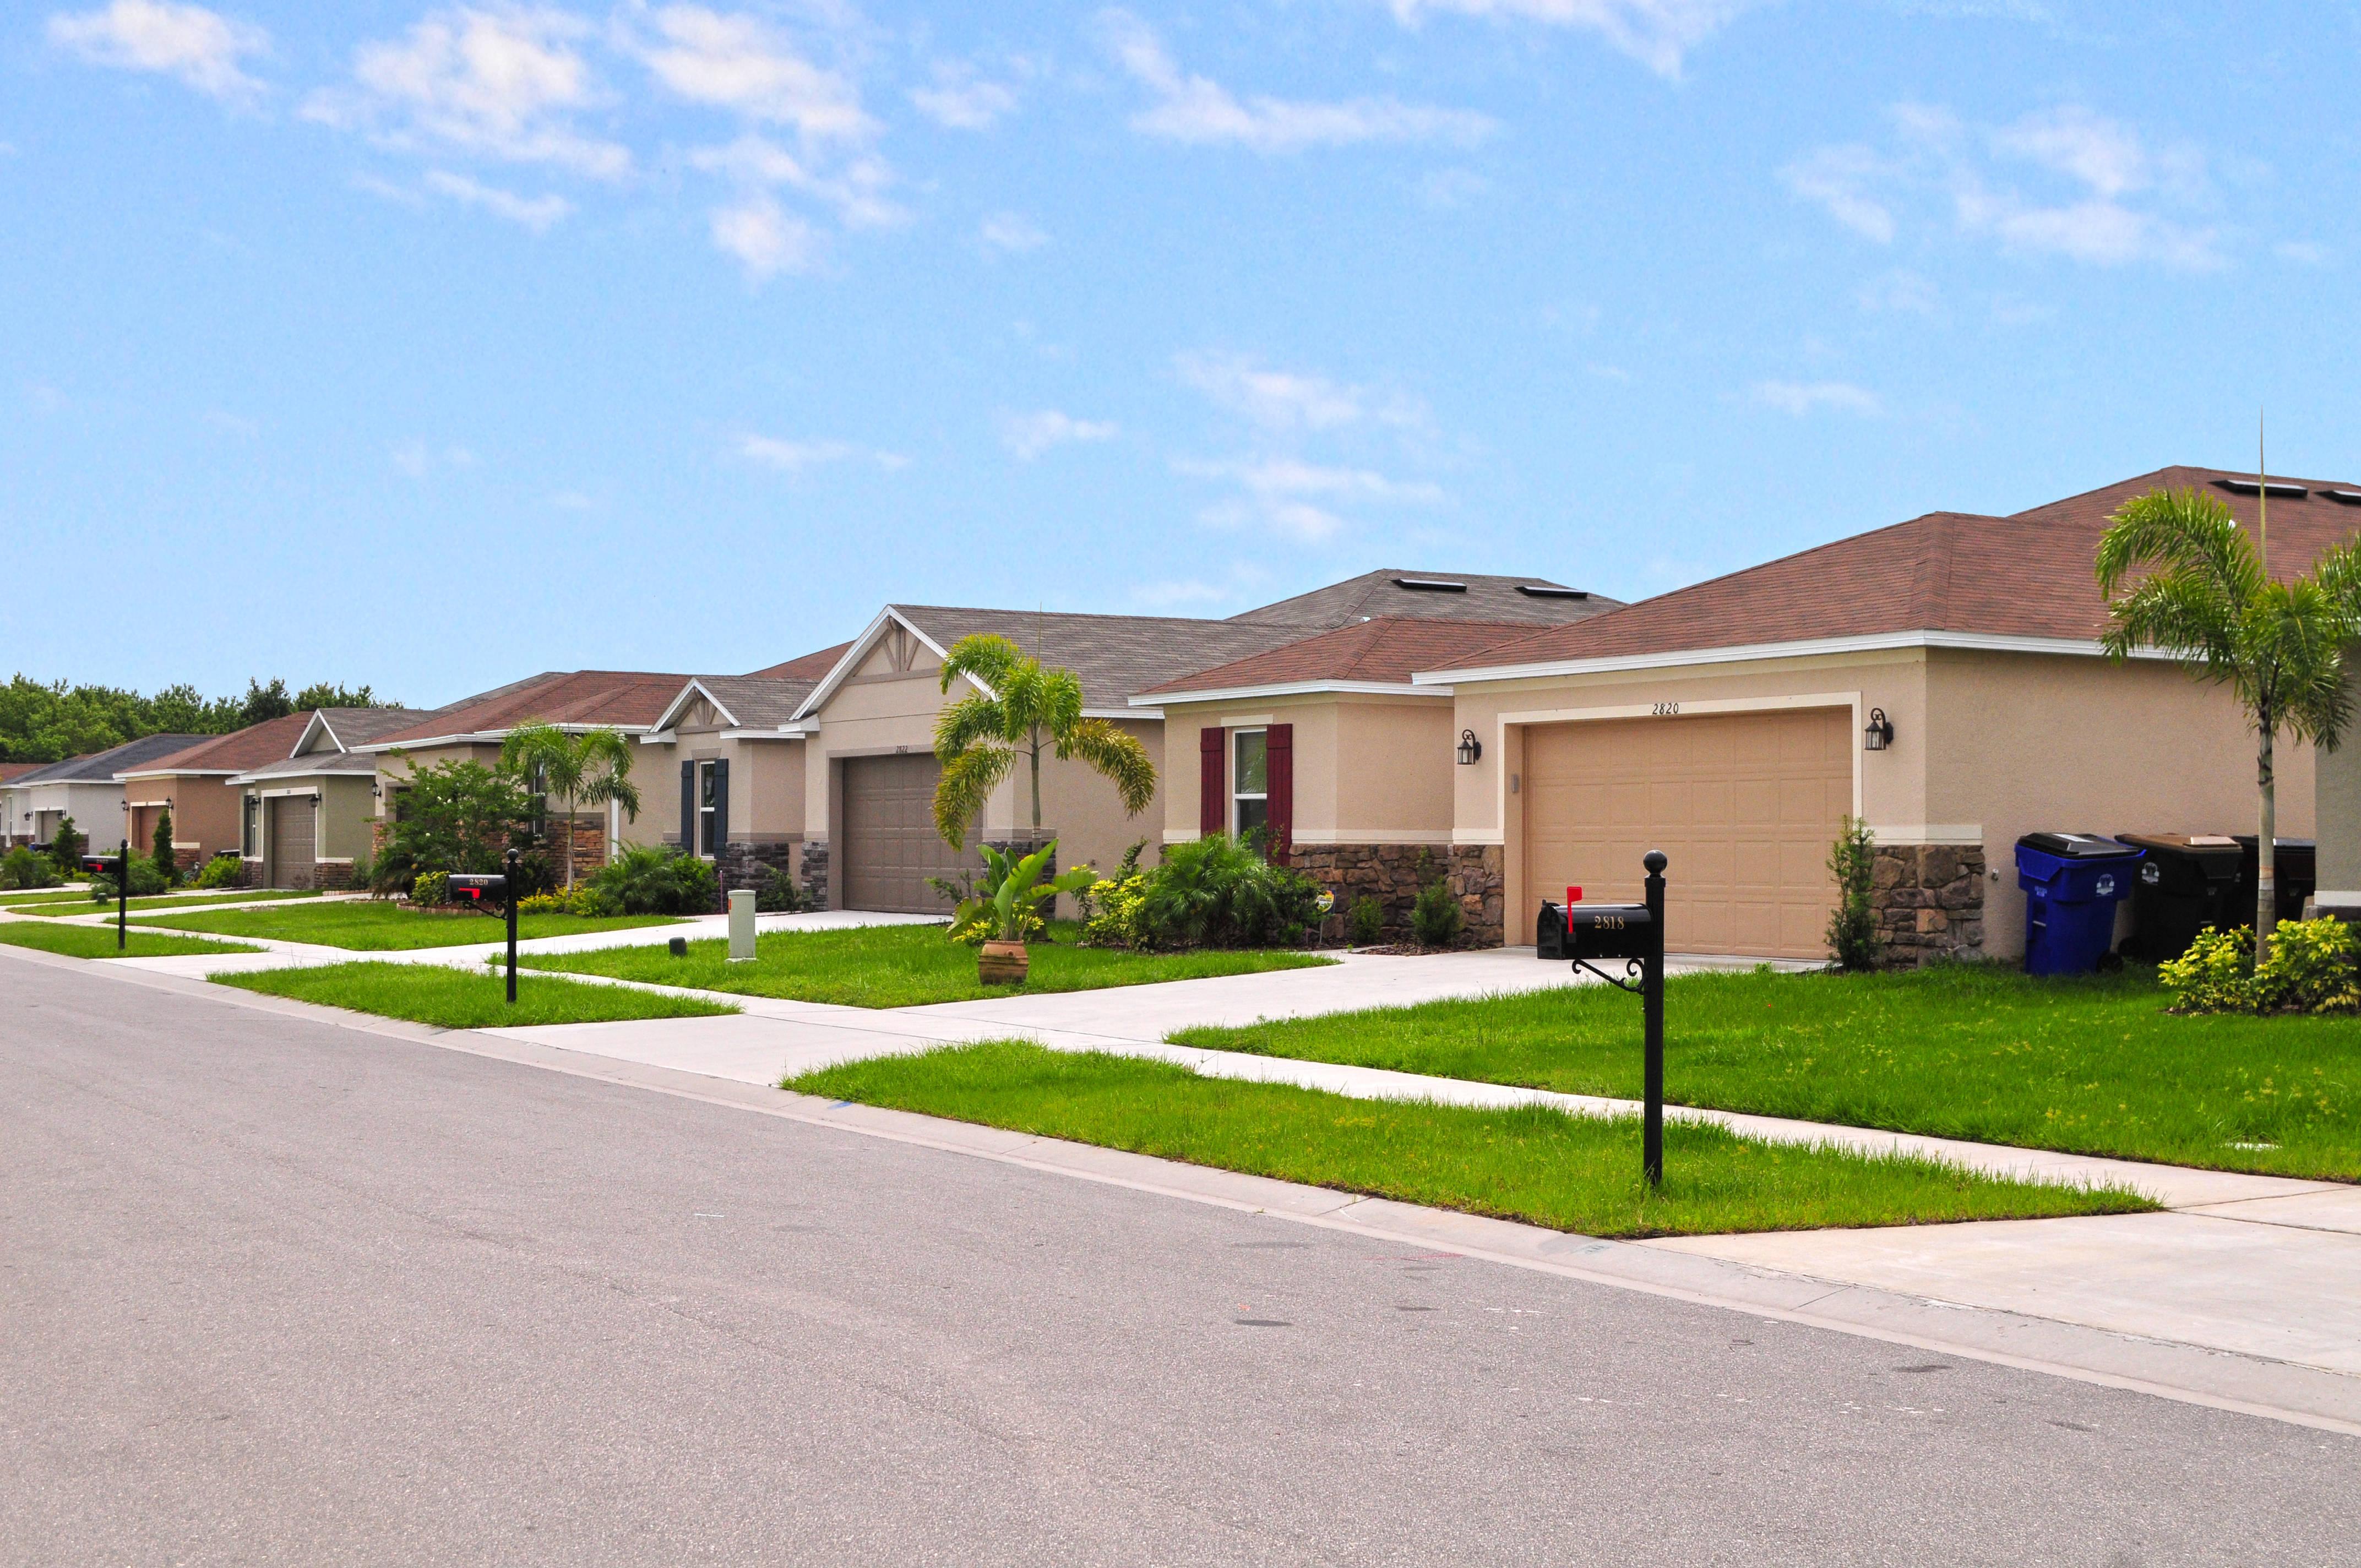 quot;Gramercy Farmsquot; New Home Construction Saint Cloud, FL